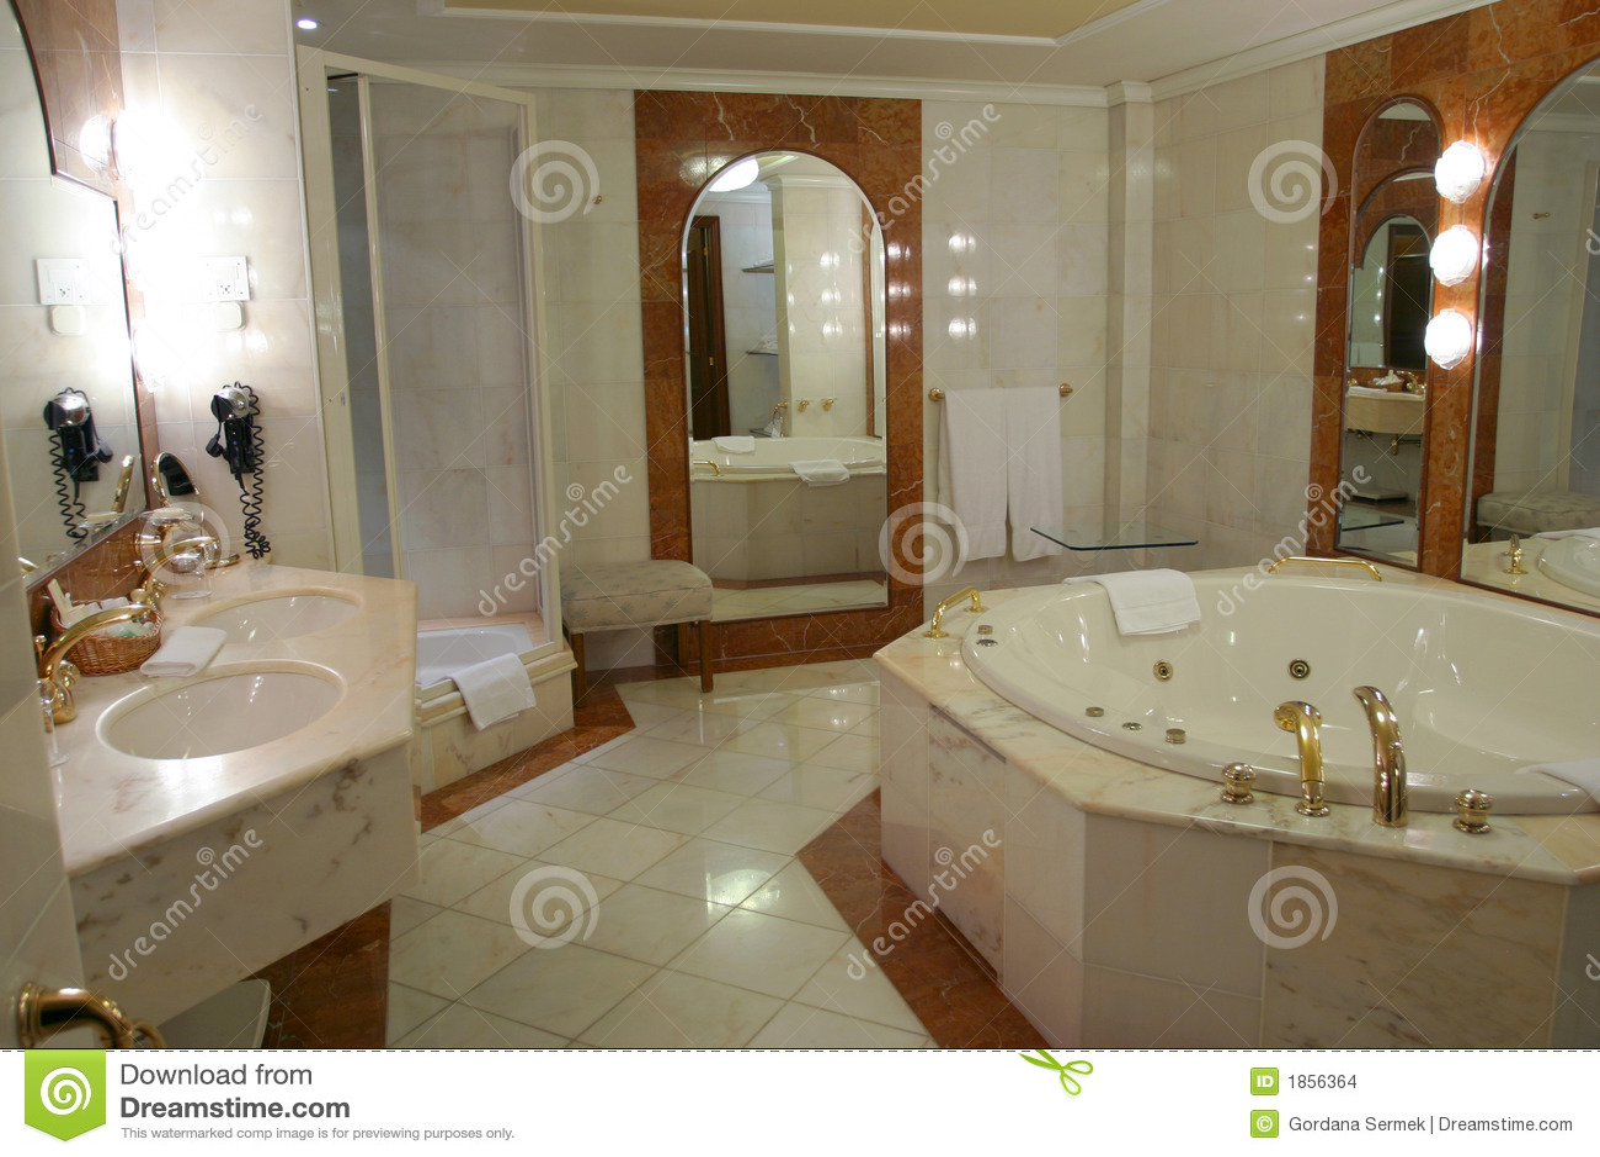 Cuarto De Baño Moderno Y Espacioso Foto de archivo - Imagen de ...